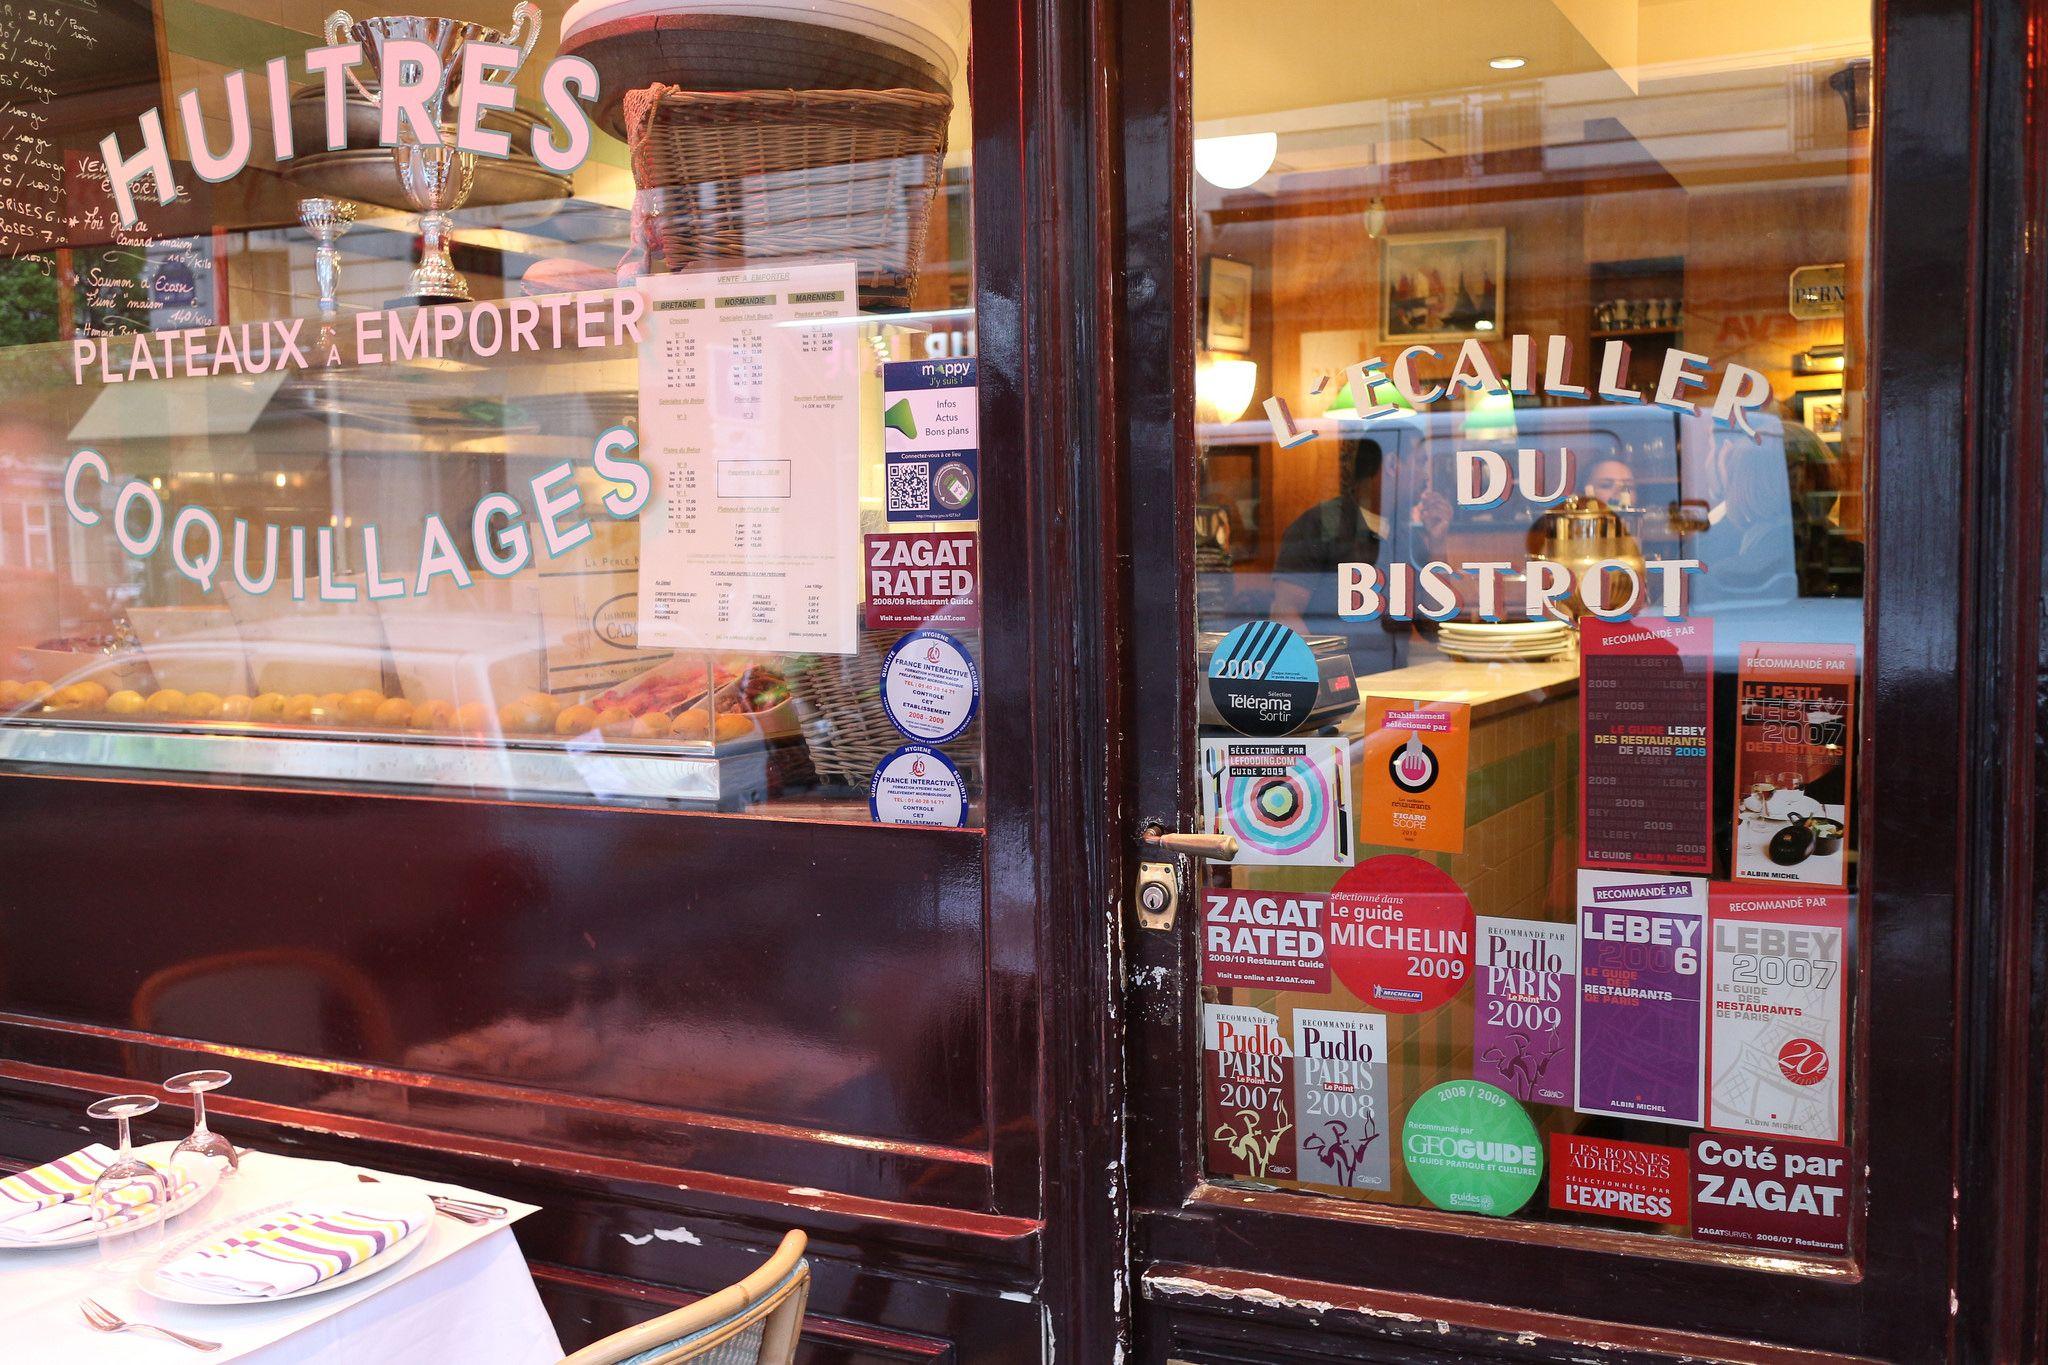 聚物養饕: 到小酒館嗑海鮮:L'Ecailler du Bistrot